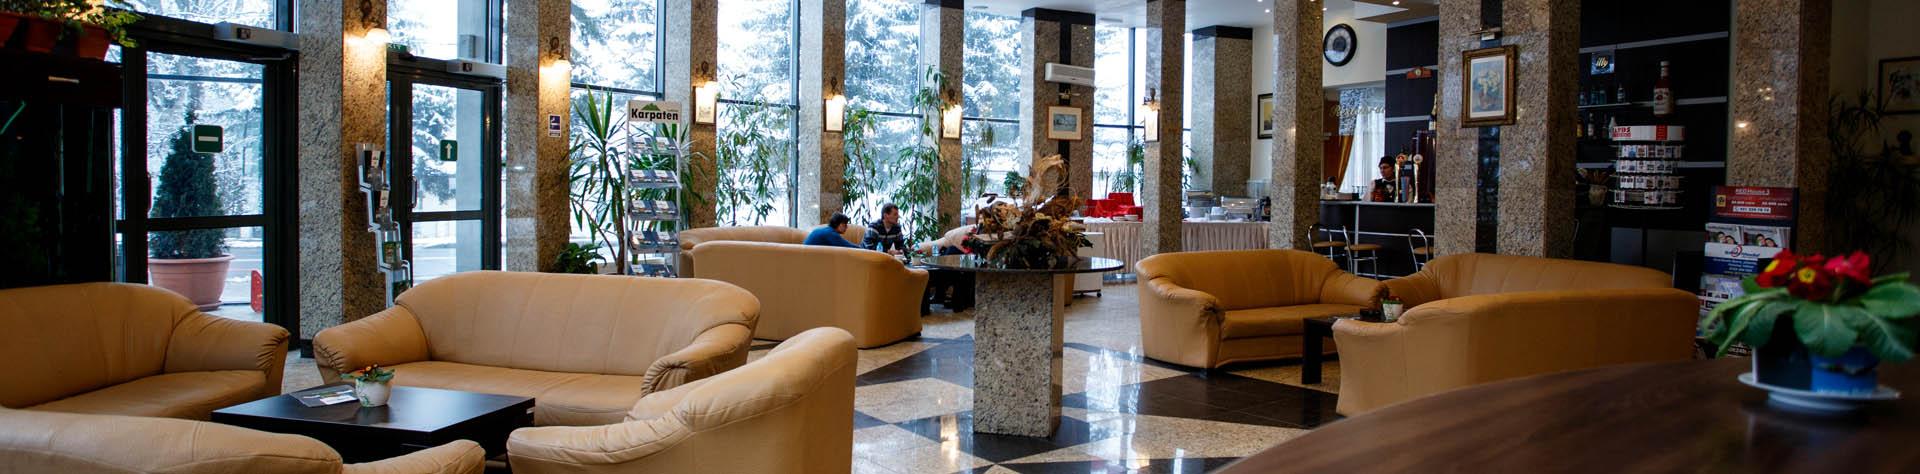 Bar - Hotel Piemonte